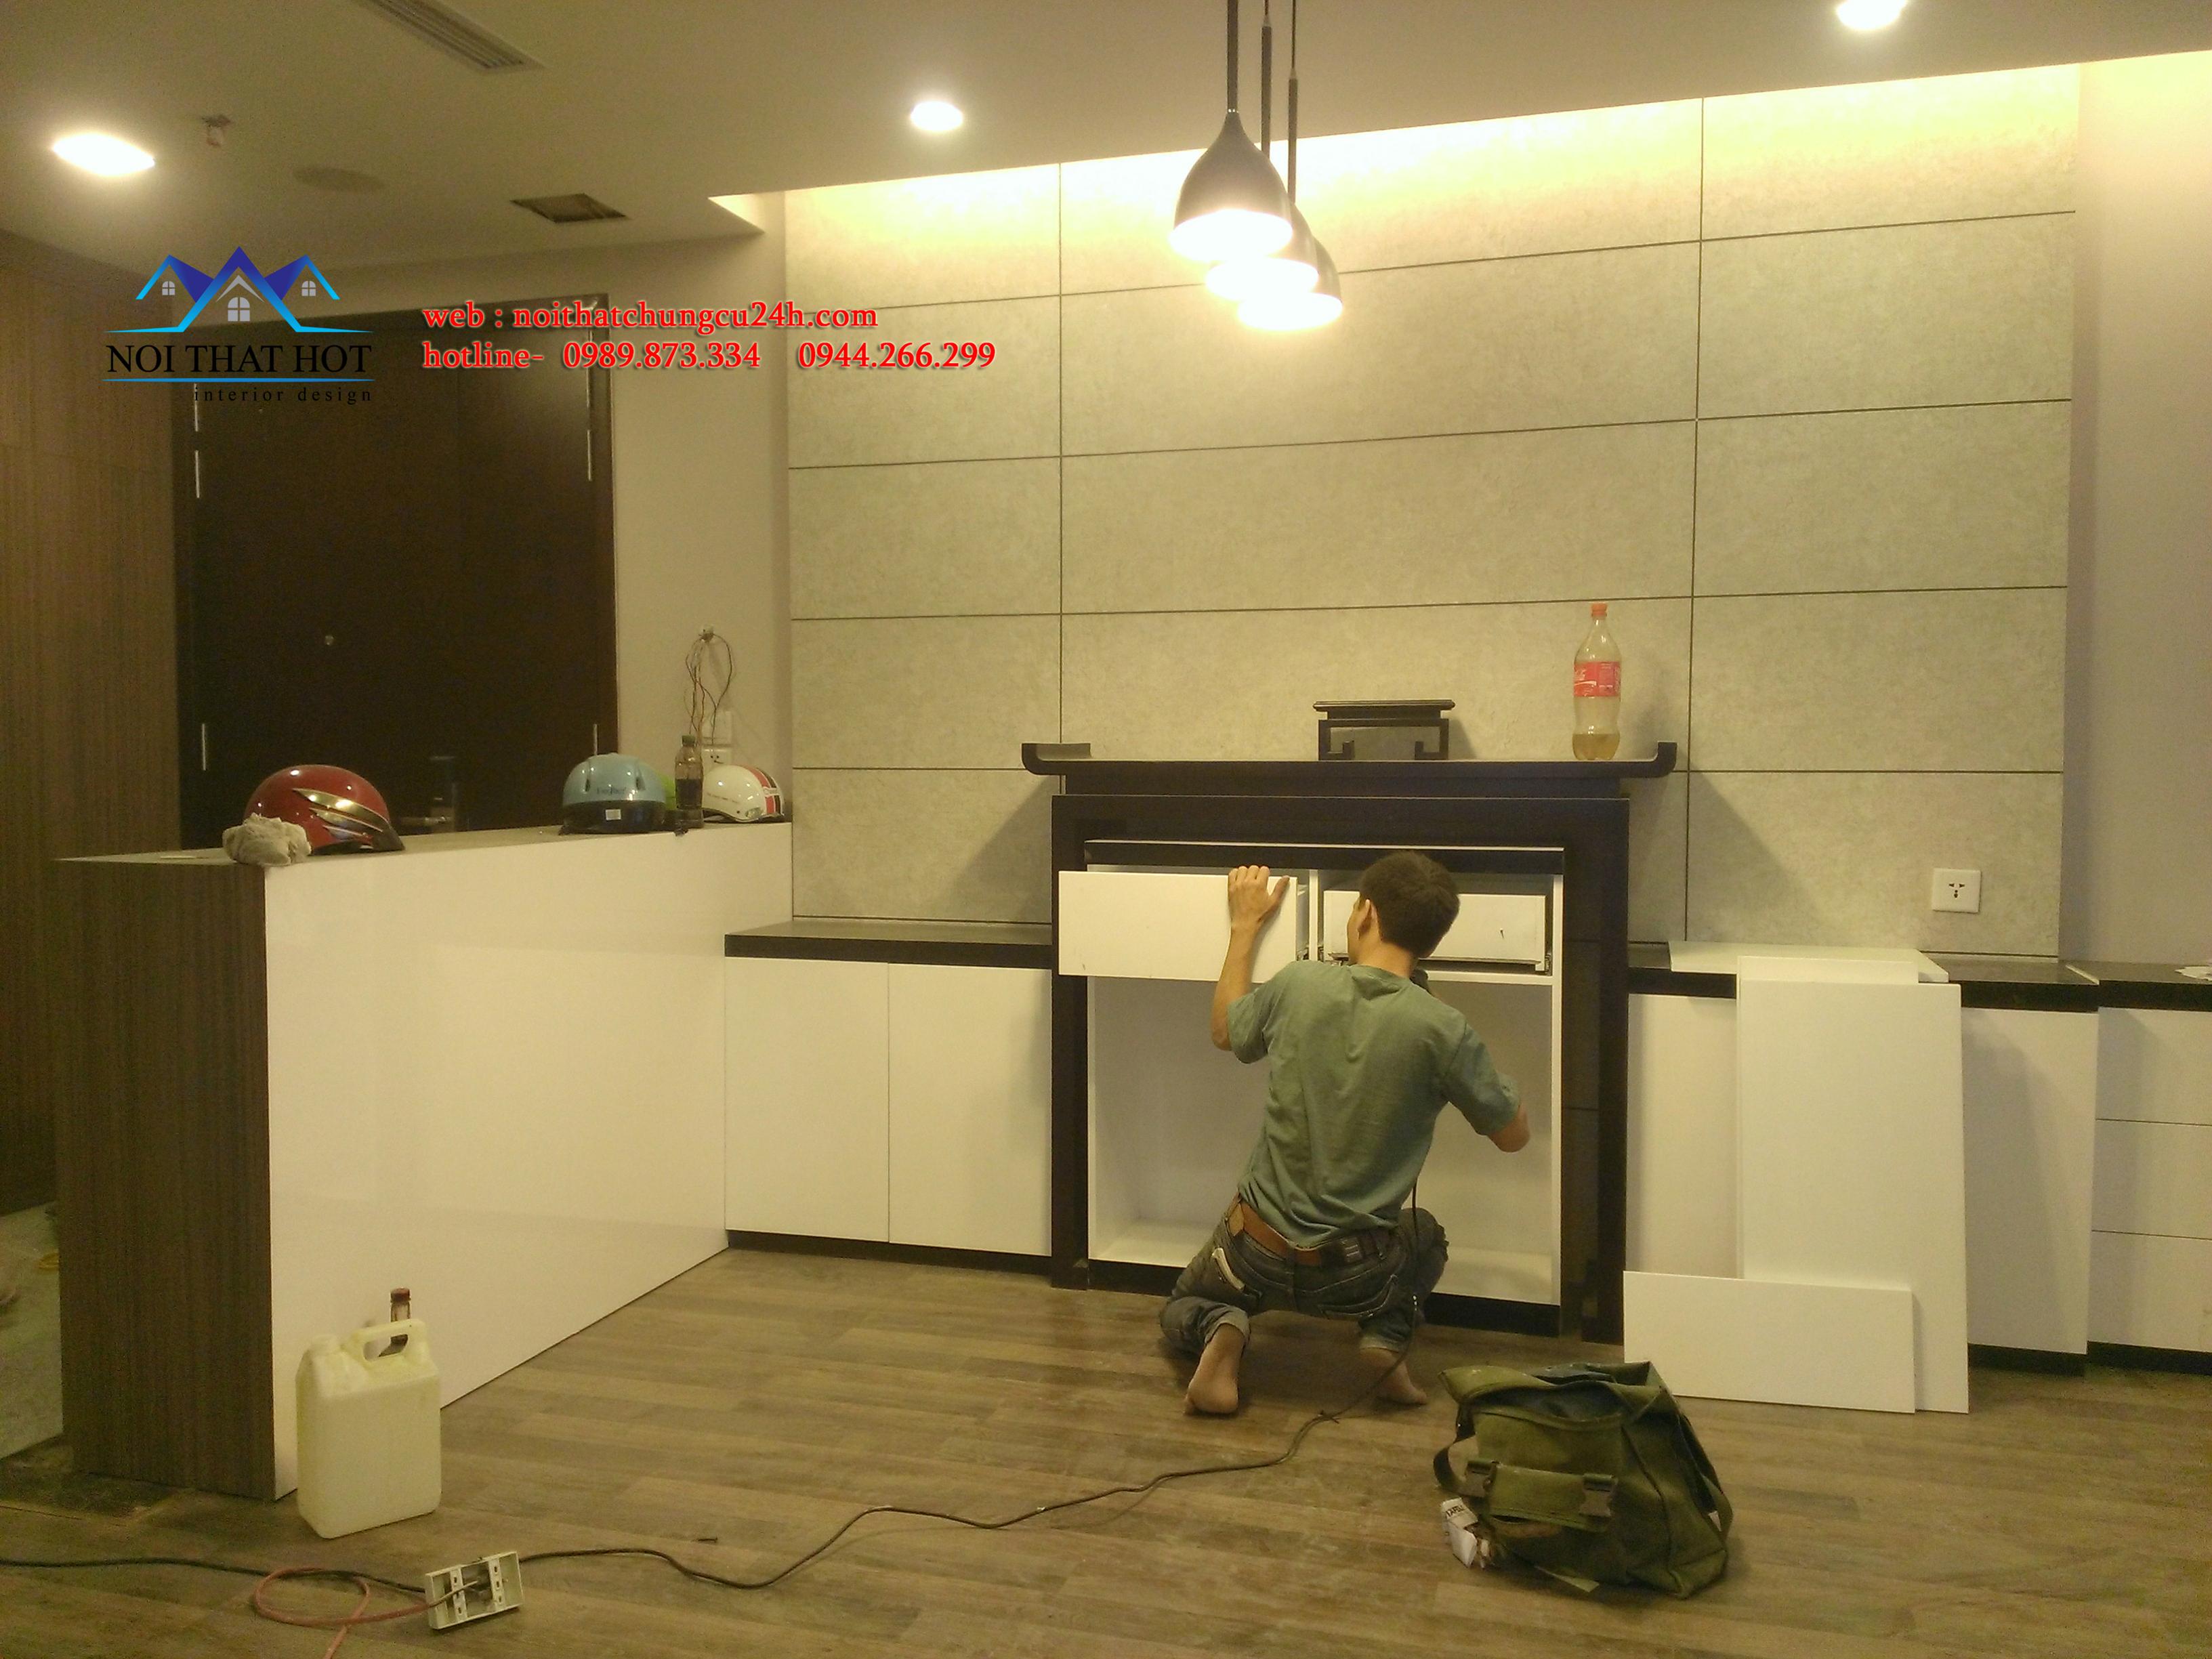 Thi công nội thất chung Hà Nội, thiết kế nội thất chung cư đẹp